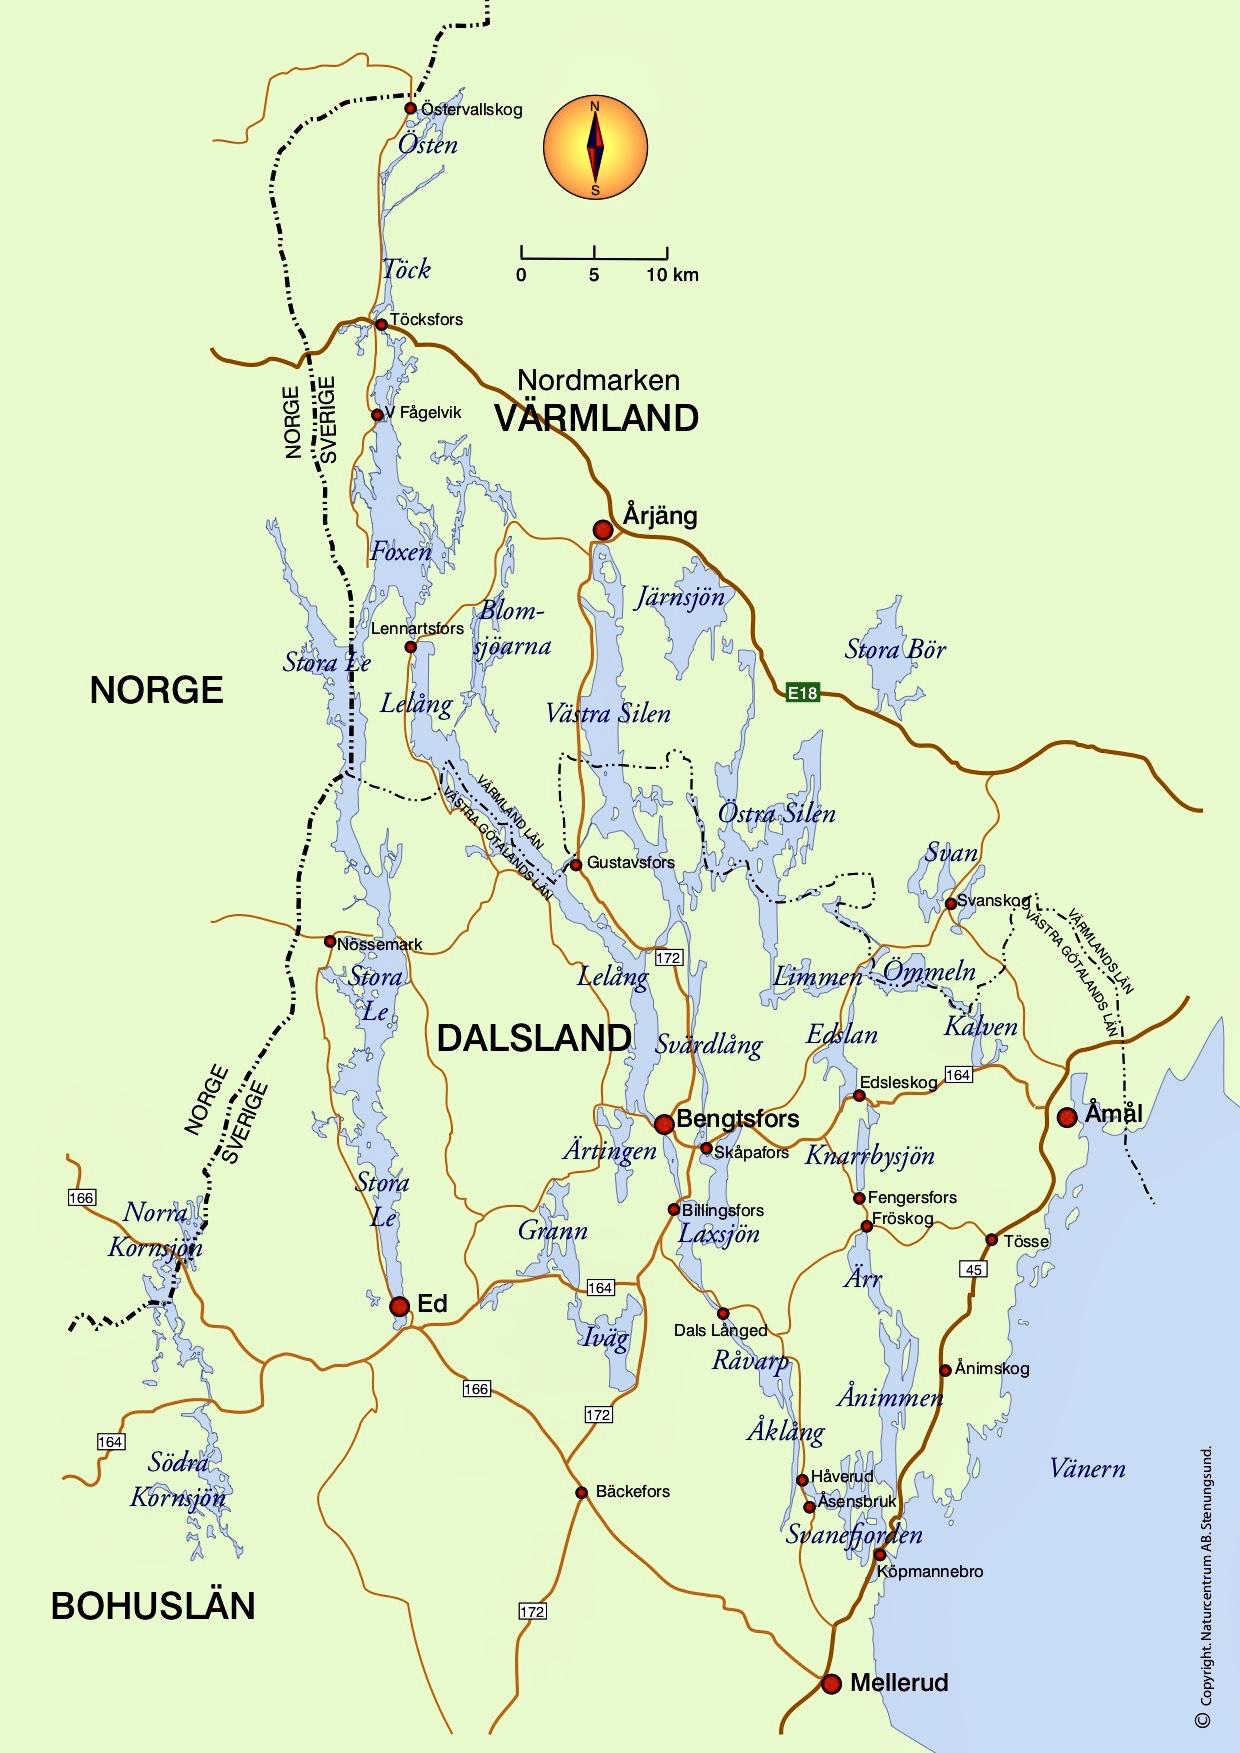 karta dalsland Karta   Årjängs bildgalleri karta dalsland